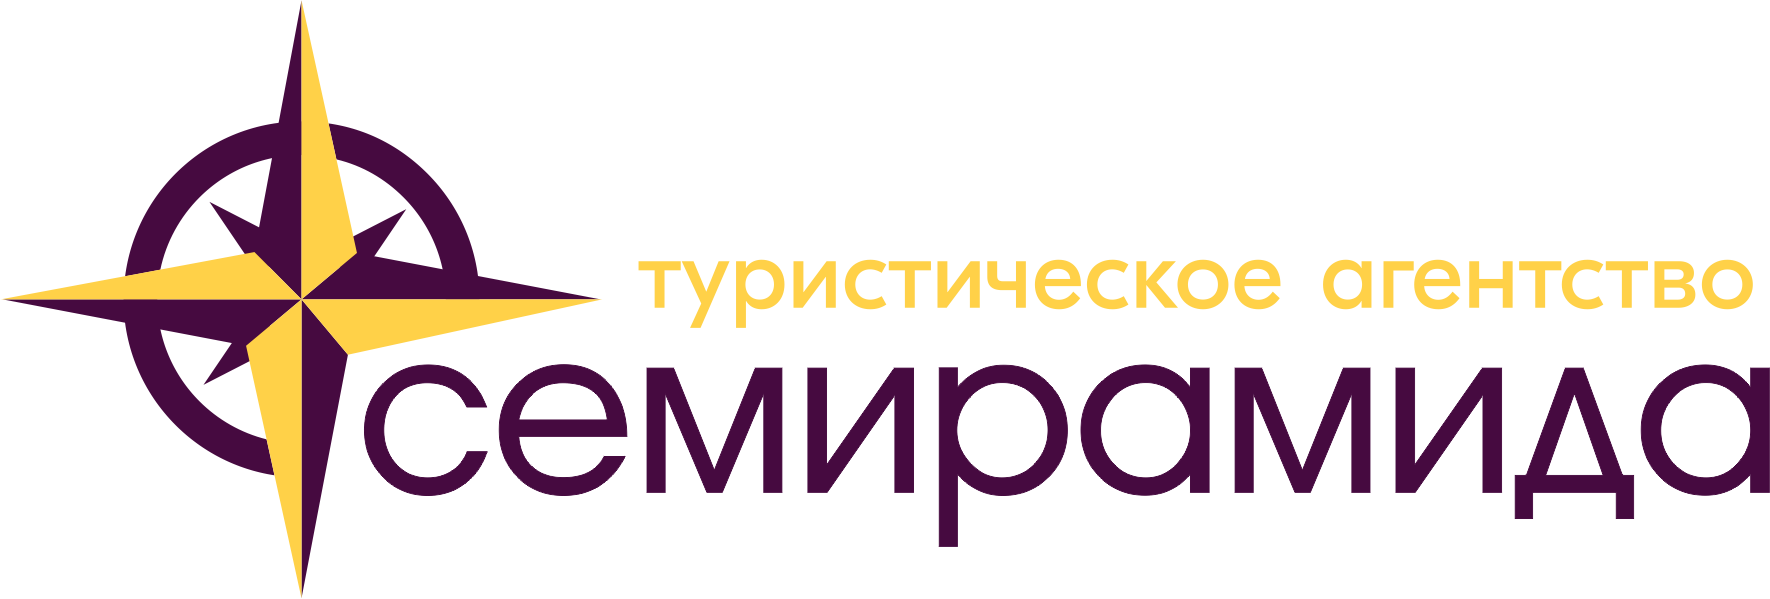 logo-semiramida(1)